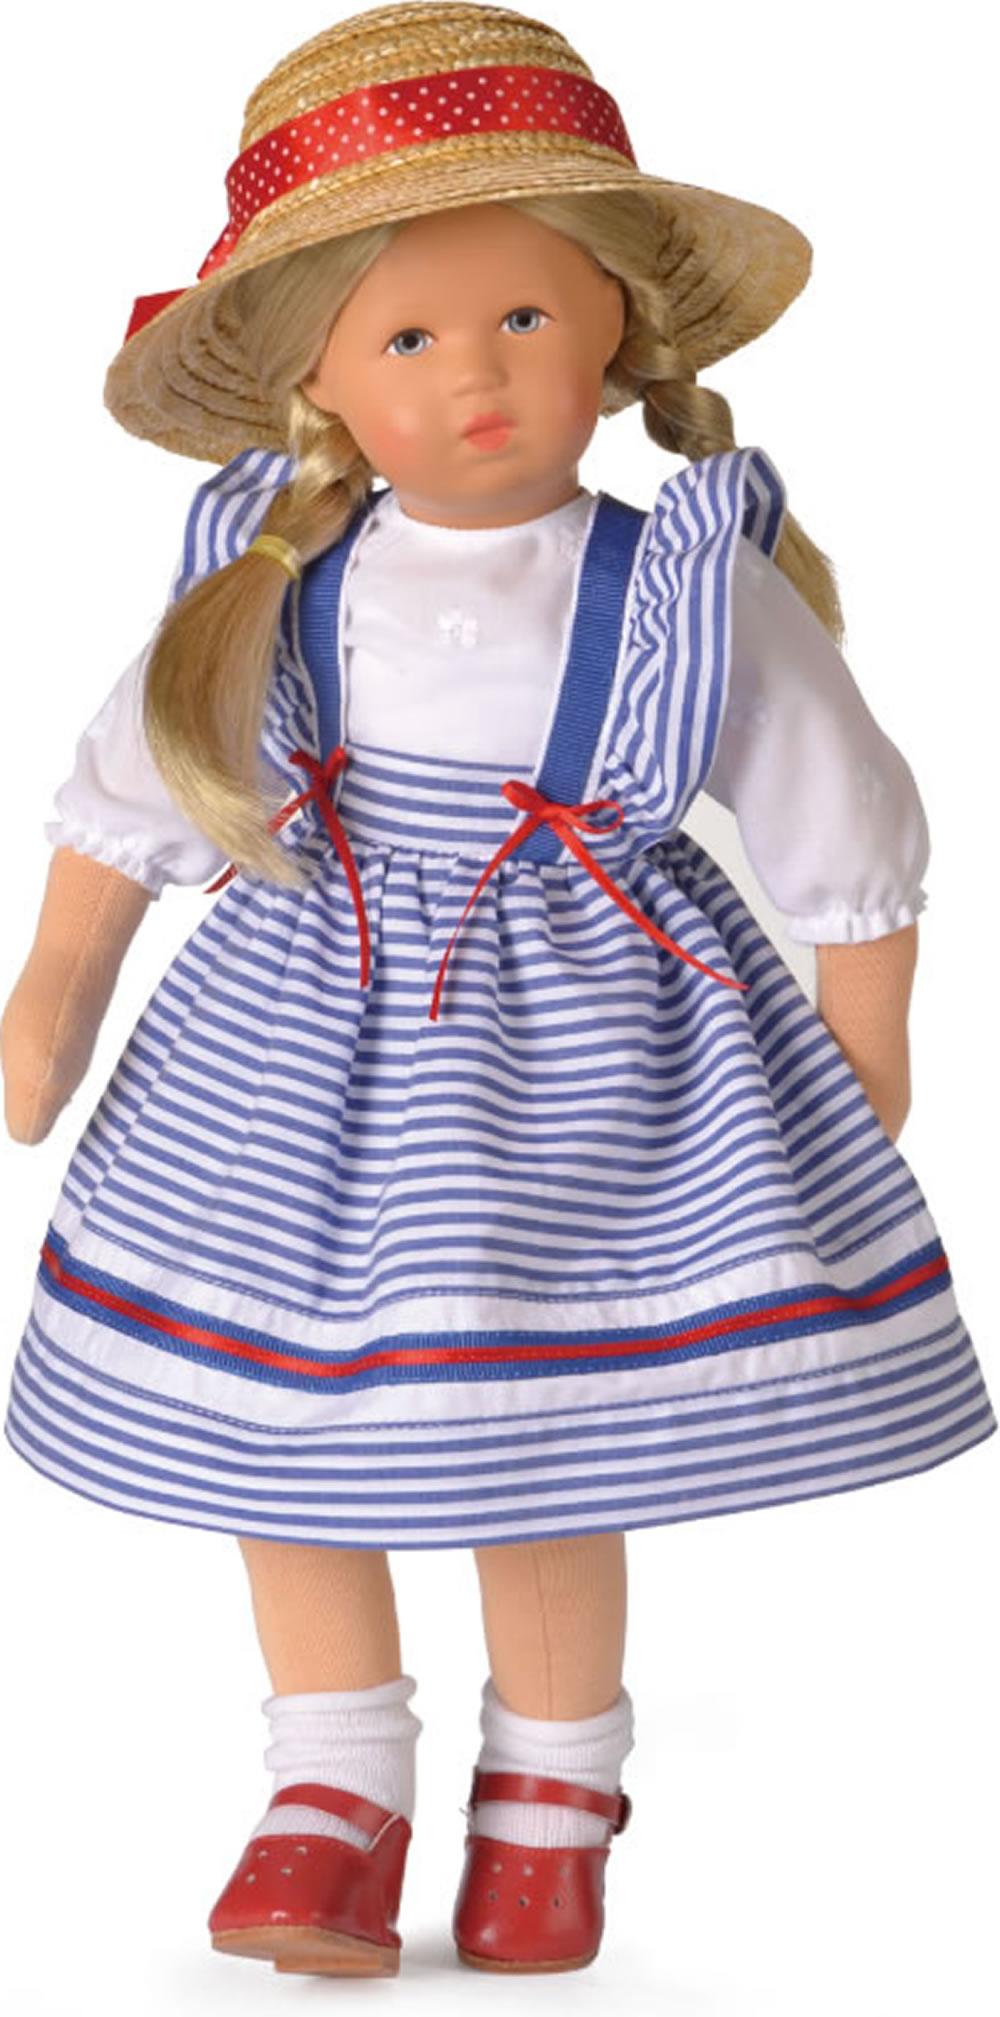 Farbige Puppe, Die Das Schlucken Liebt